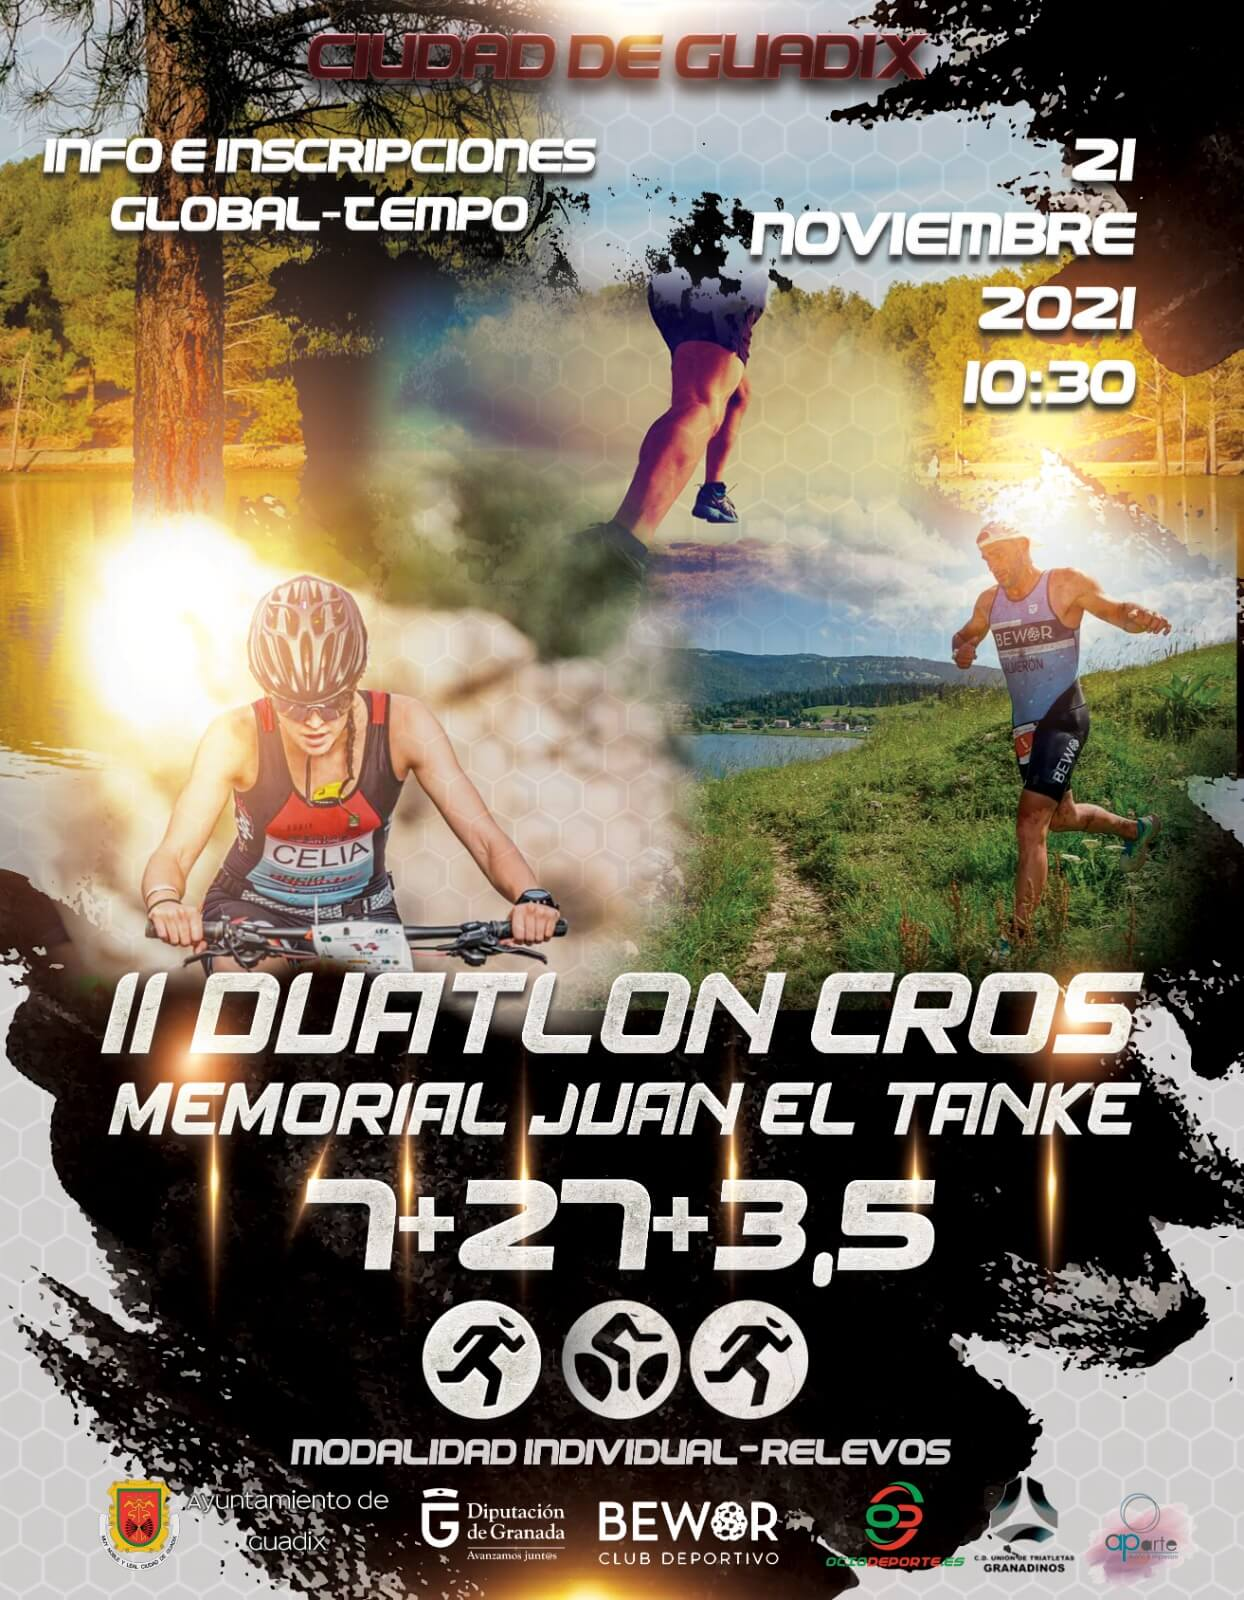 II Duatlón Cros de Guadix - Memorial Juan el Tanke